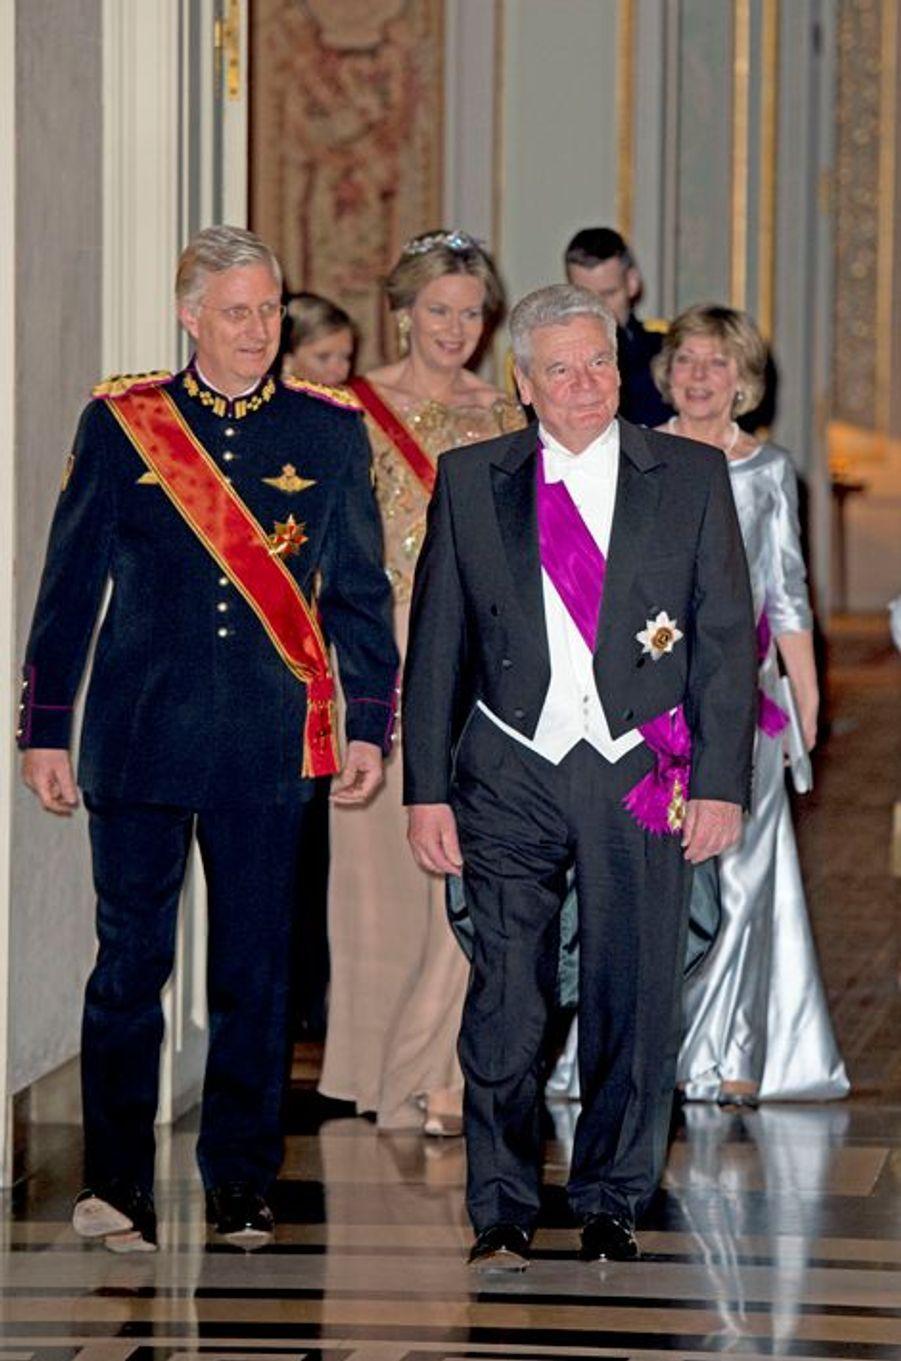 La reine Mathilde et le roi Philippe de Belgique avec le président allemand et sa compagne au château de Laeken à Bruxelles, le 8 mars 2016